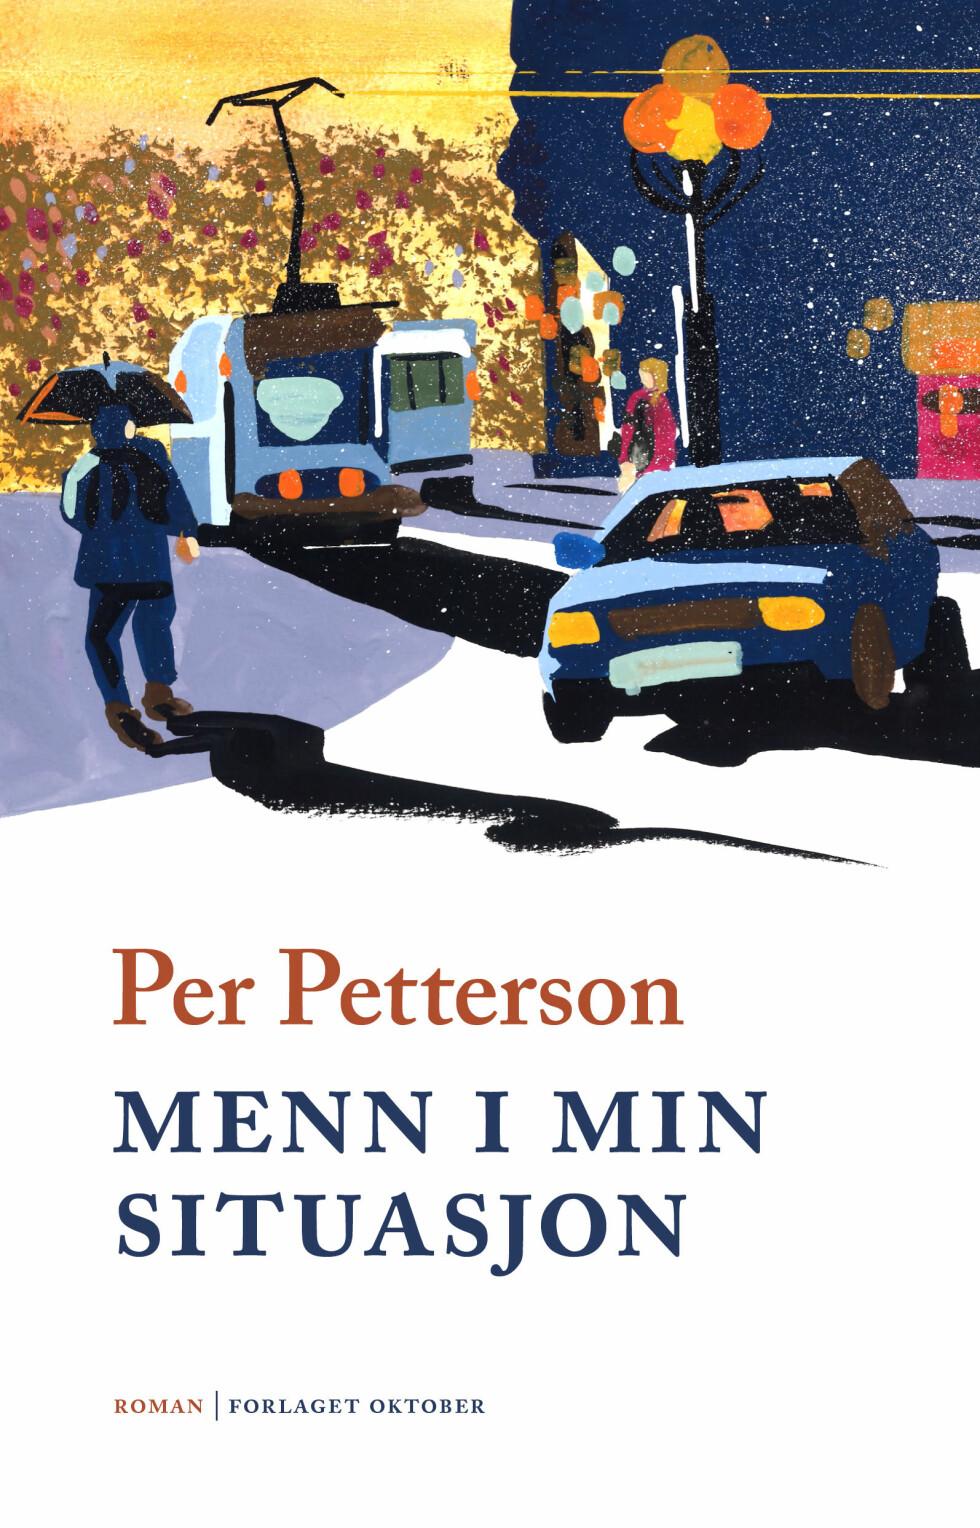 Menn i min situasjon – en roman |349,-| https://www.ark.no/boker/Per-Petterson-Menn-i-min-situasjon-9788249519743